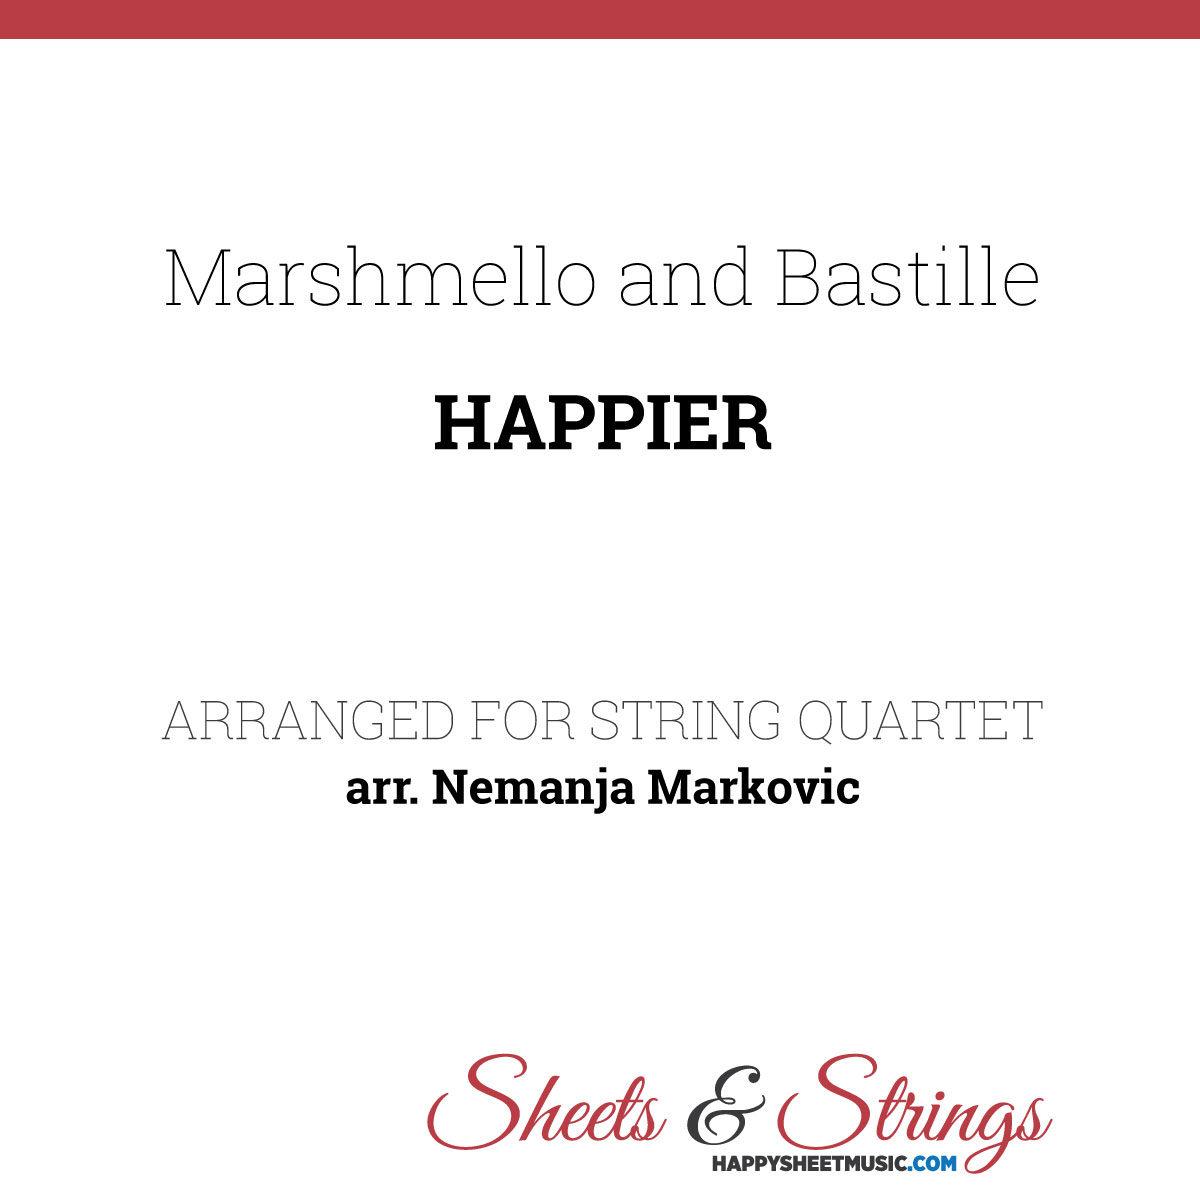 Marshmello and Bastille - Happier - Sheet Music for String Quartet - Music Arrangement for String Quartet